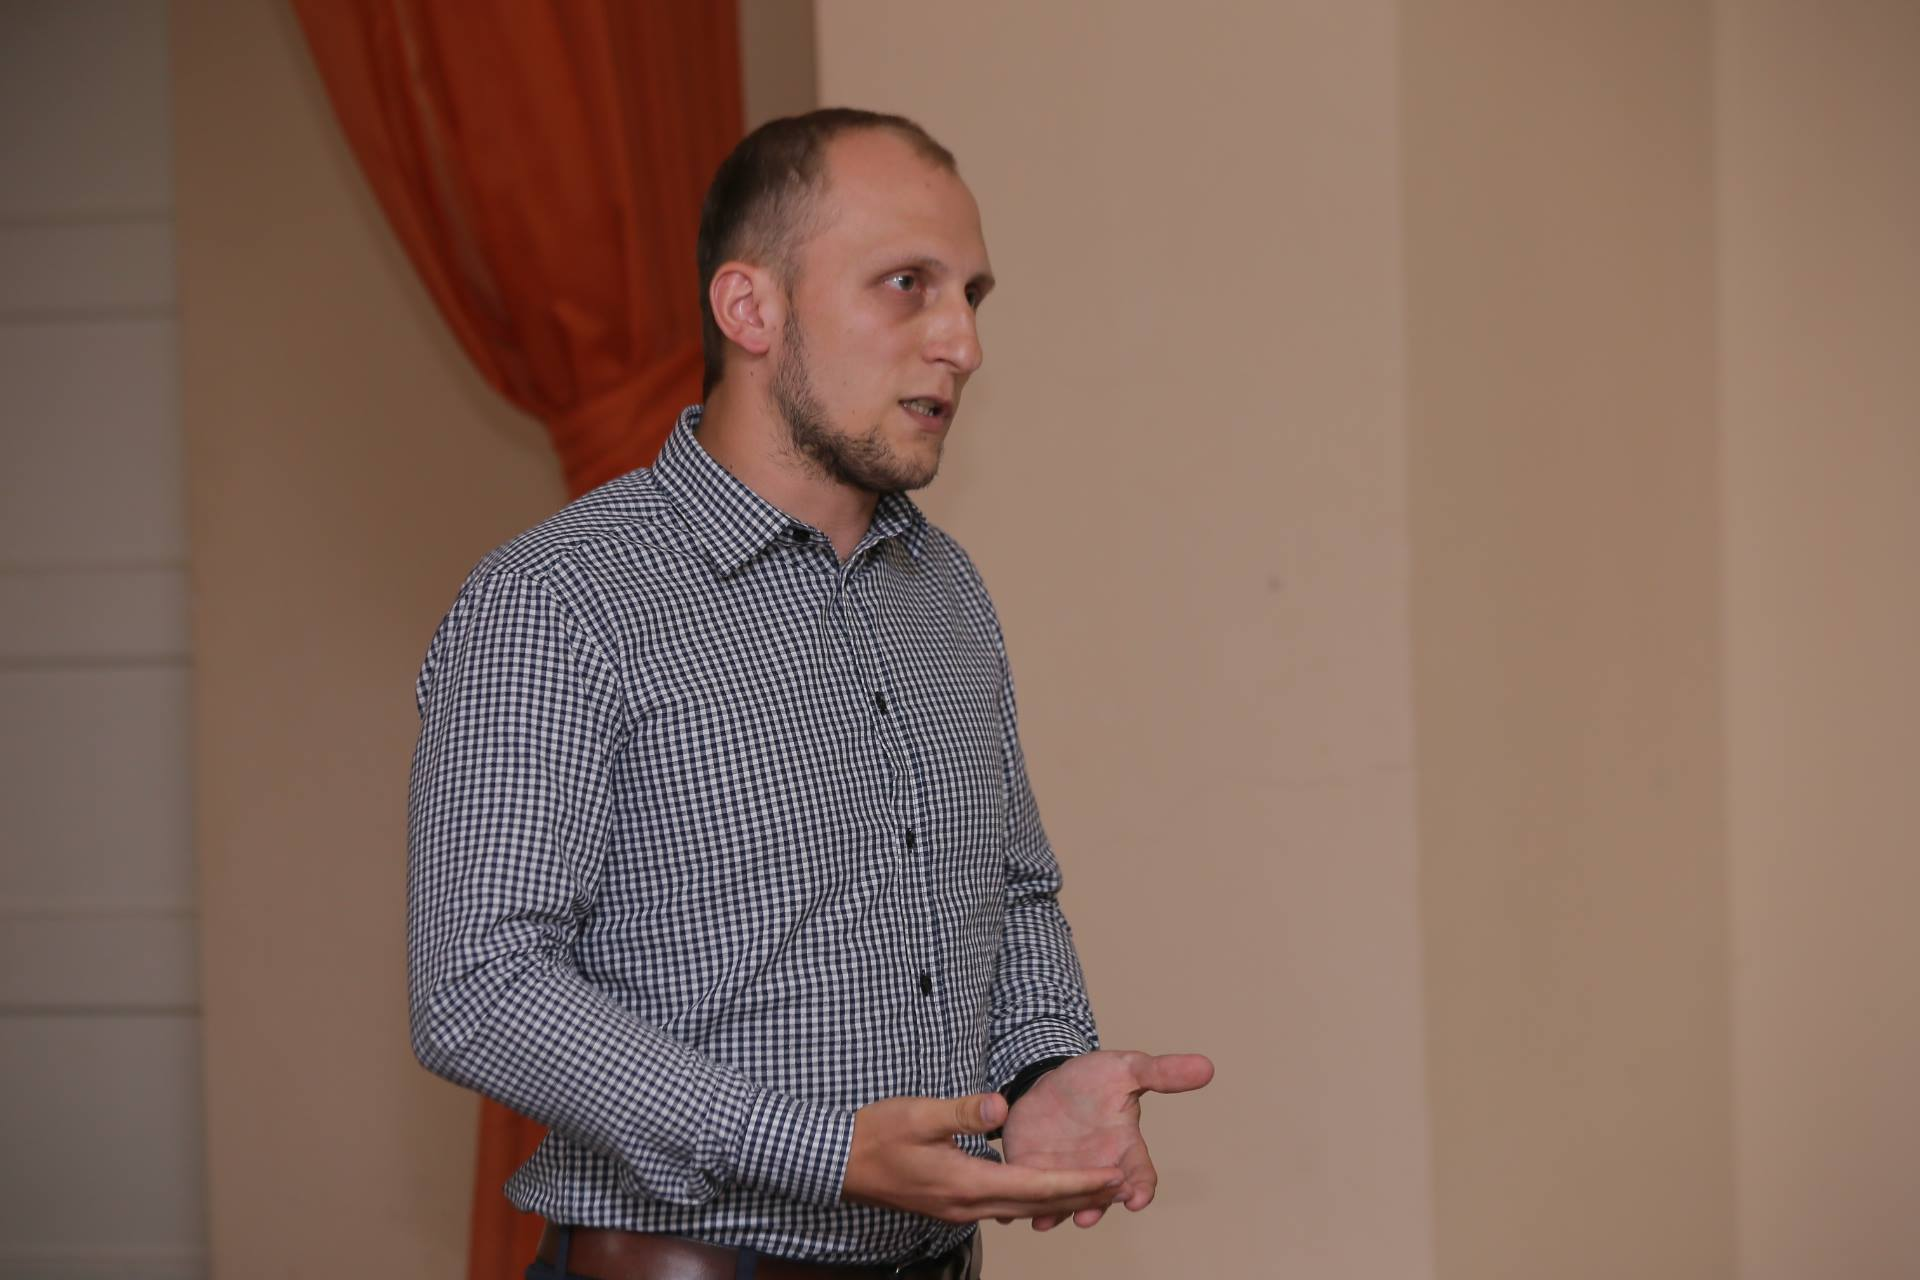 Експерт з децентралізації ВГО «Інститут політичної освіти» Володимир Феськов